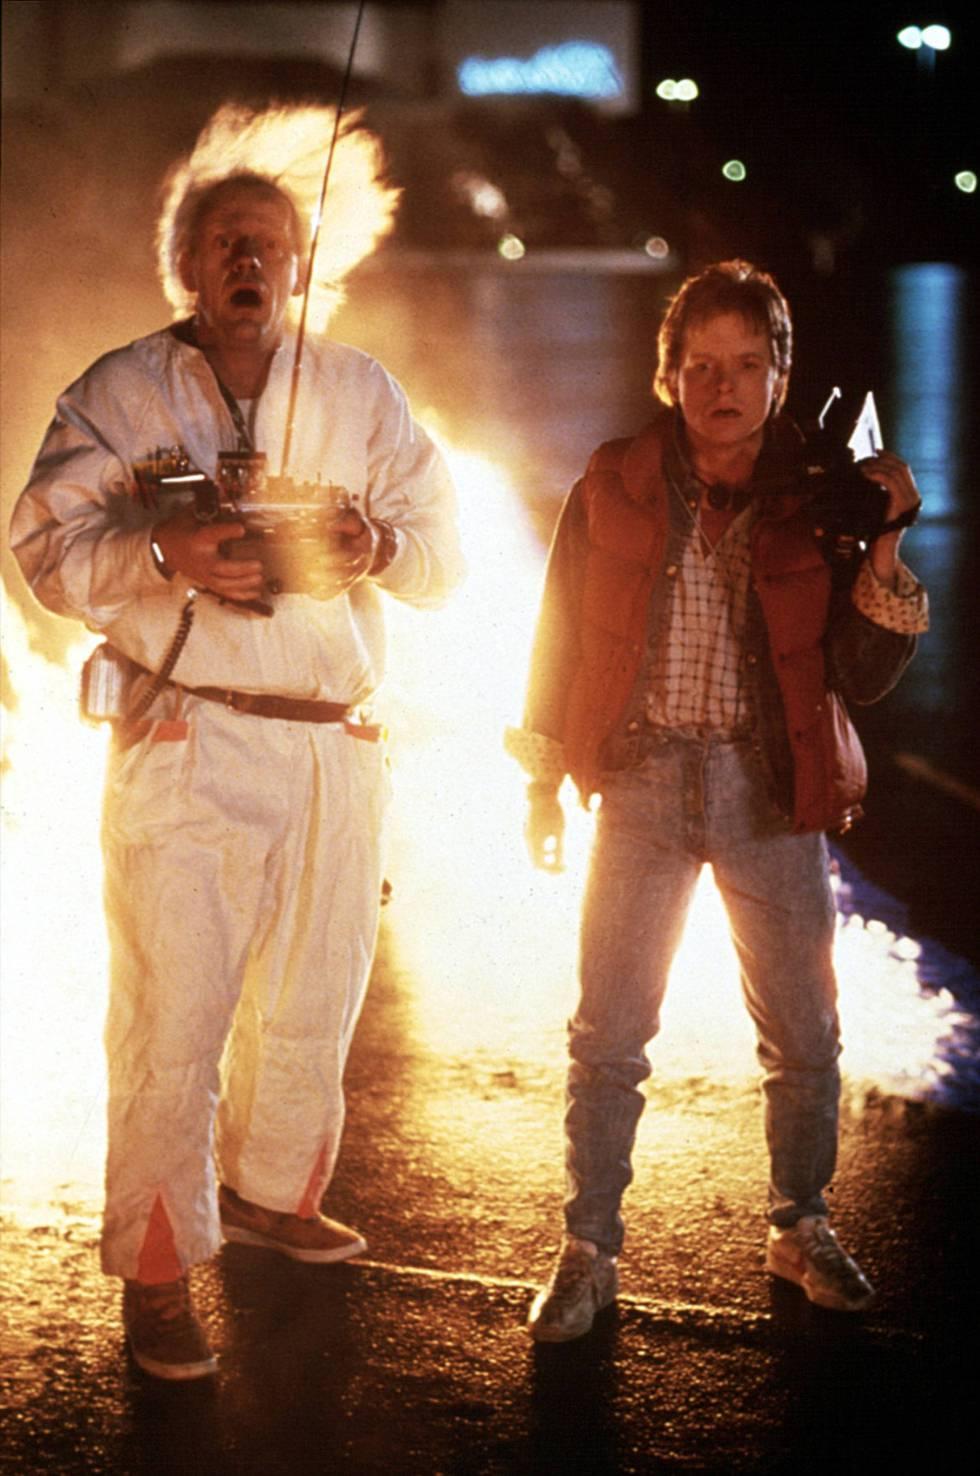 El papel que hizo famoso a Fox: el de Marty McFly en 'Regreso al futuro' (1985). En la imagen, con su compañero de reparto Christopher Lloyd.